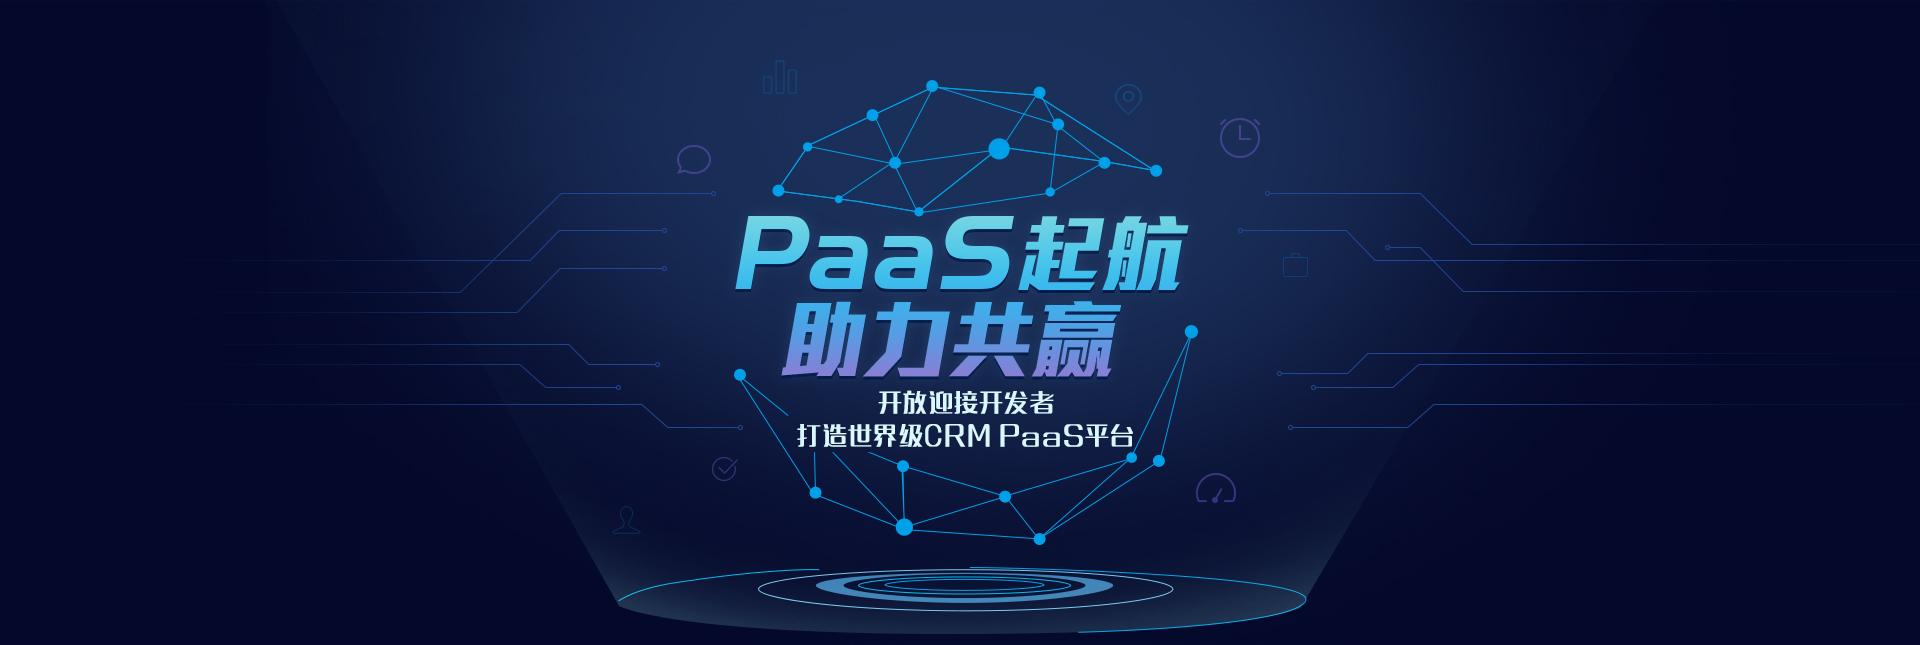 CRM PAAS 平台